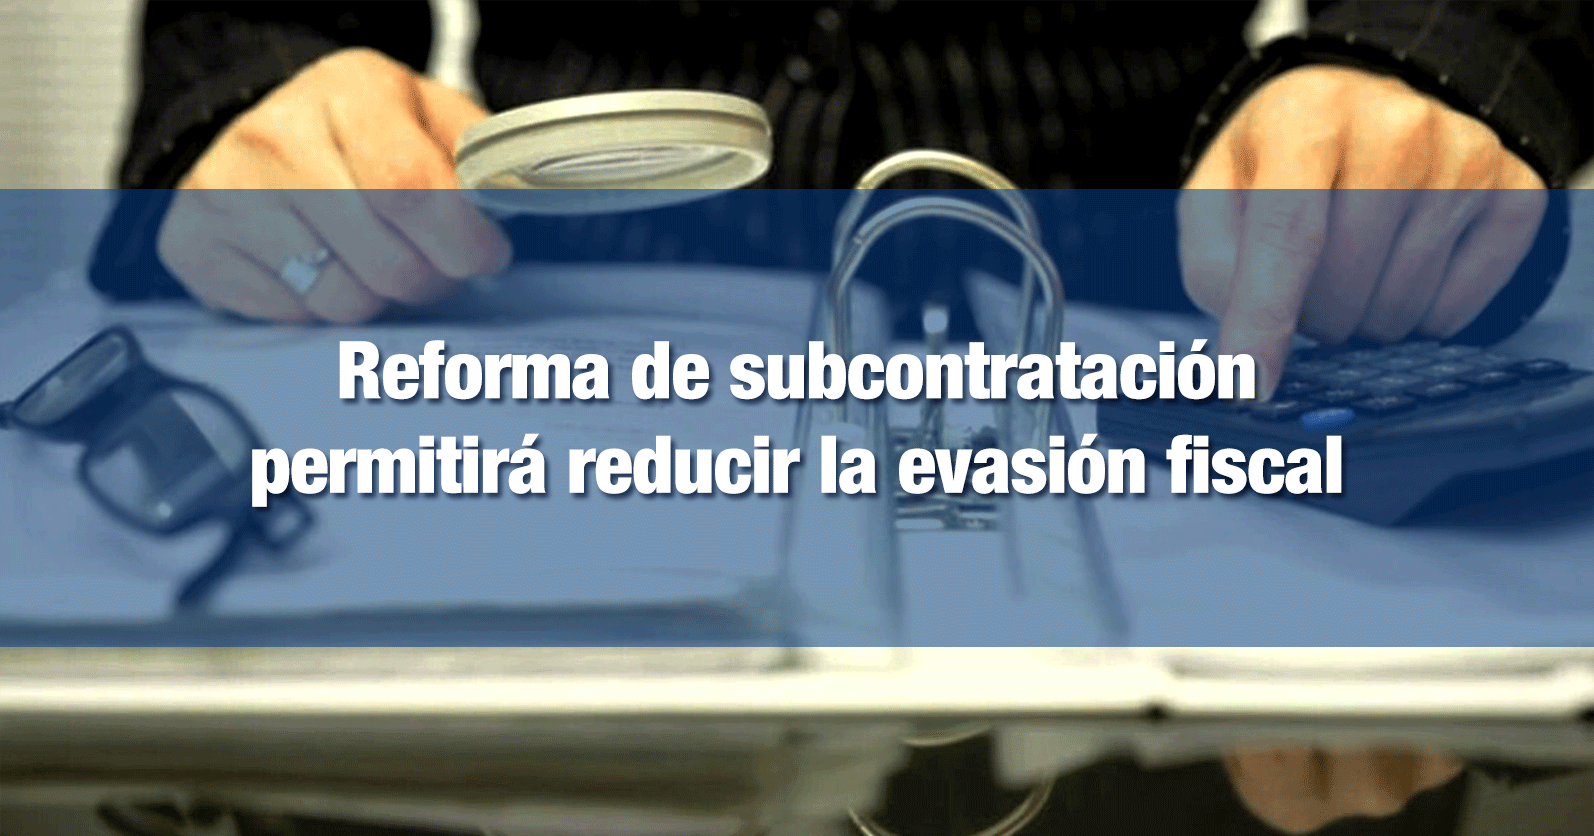 Reforma de subcontratación permitirá reducir la evasión fiscal